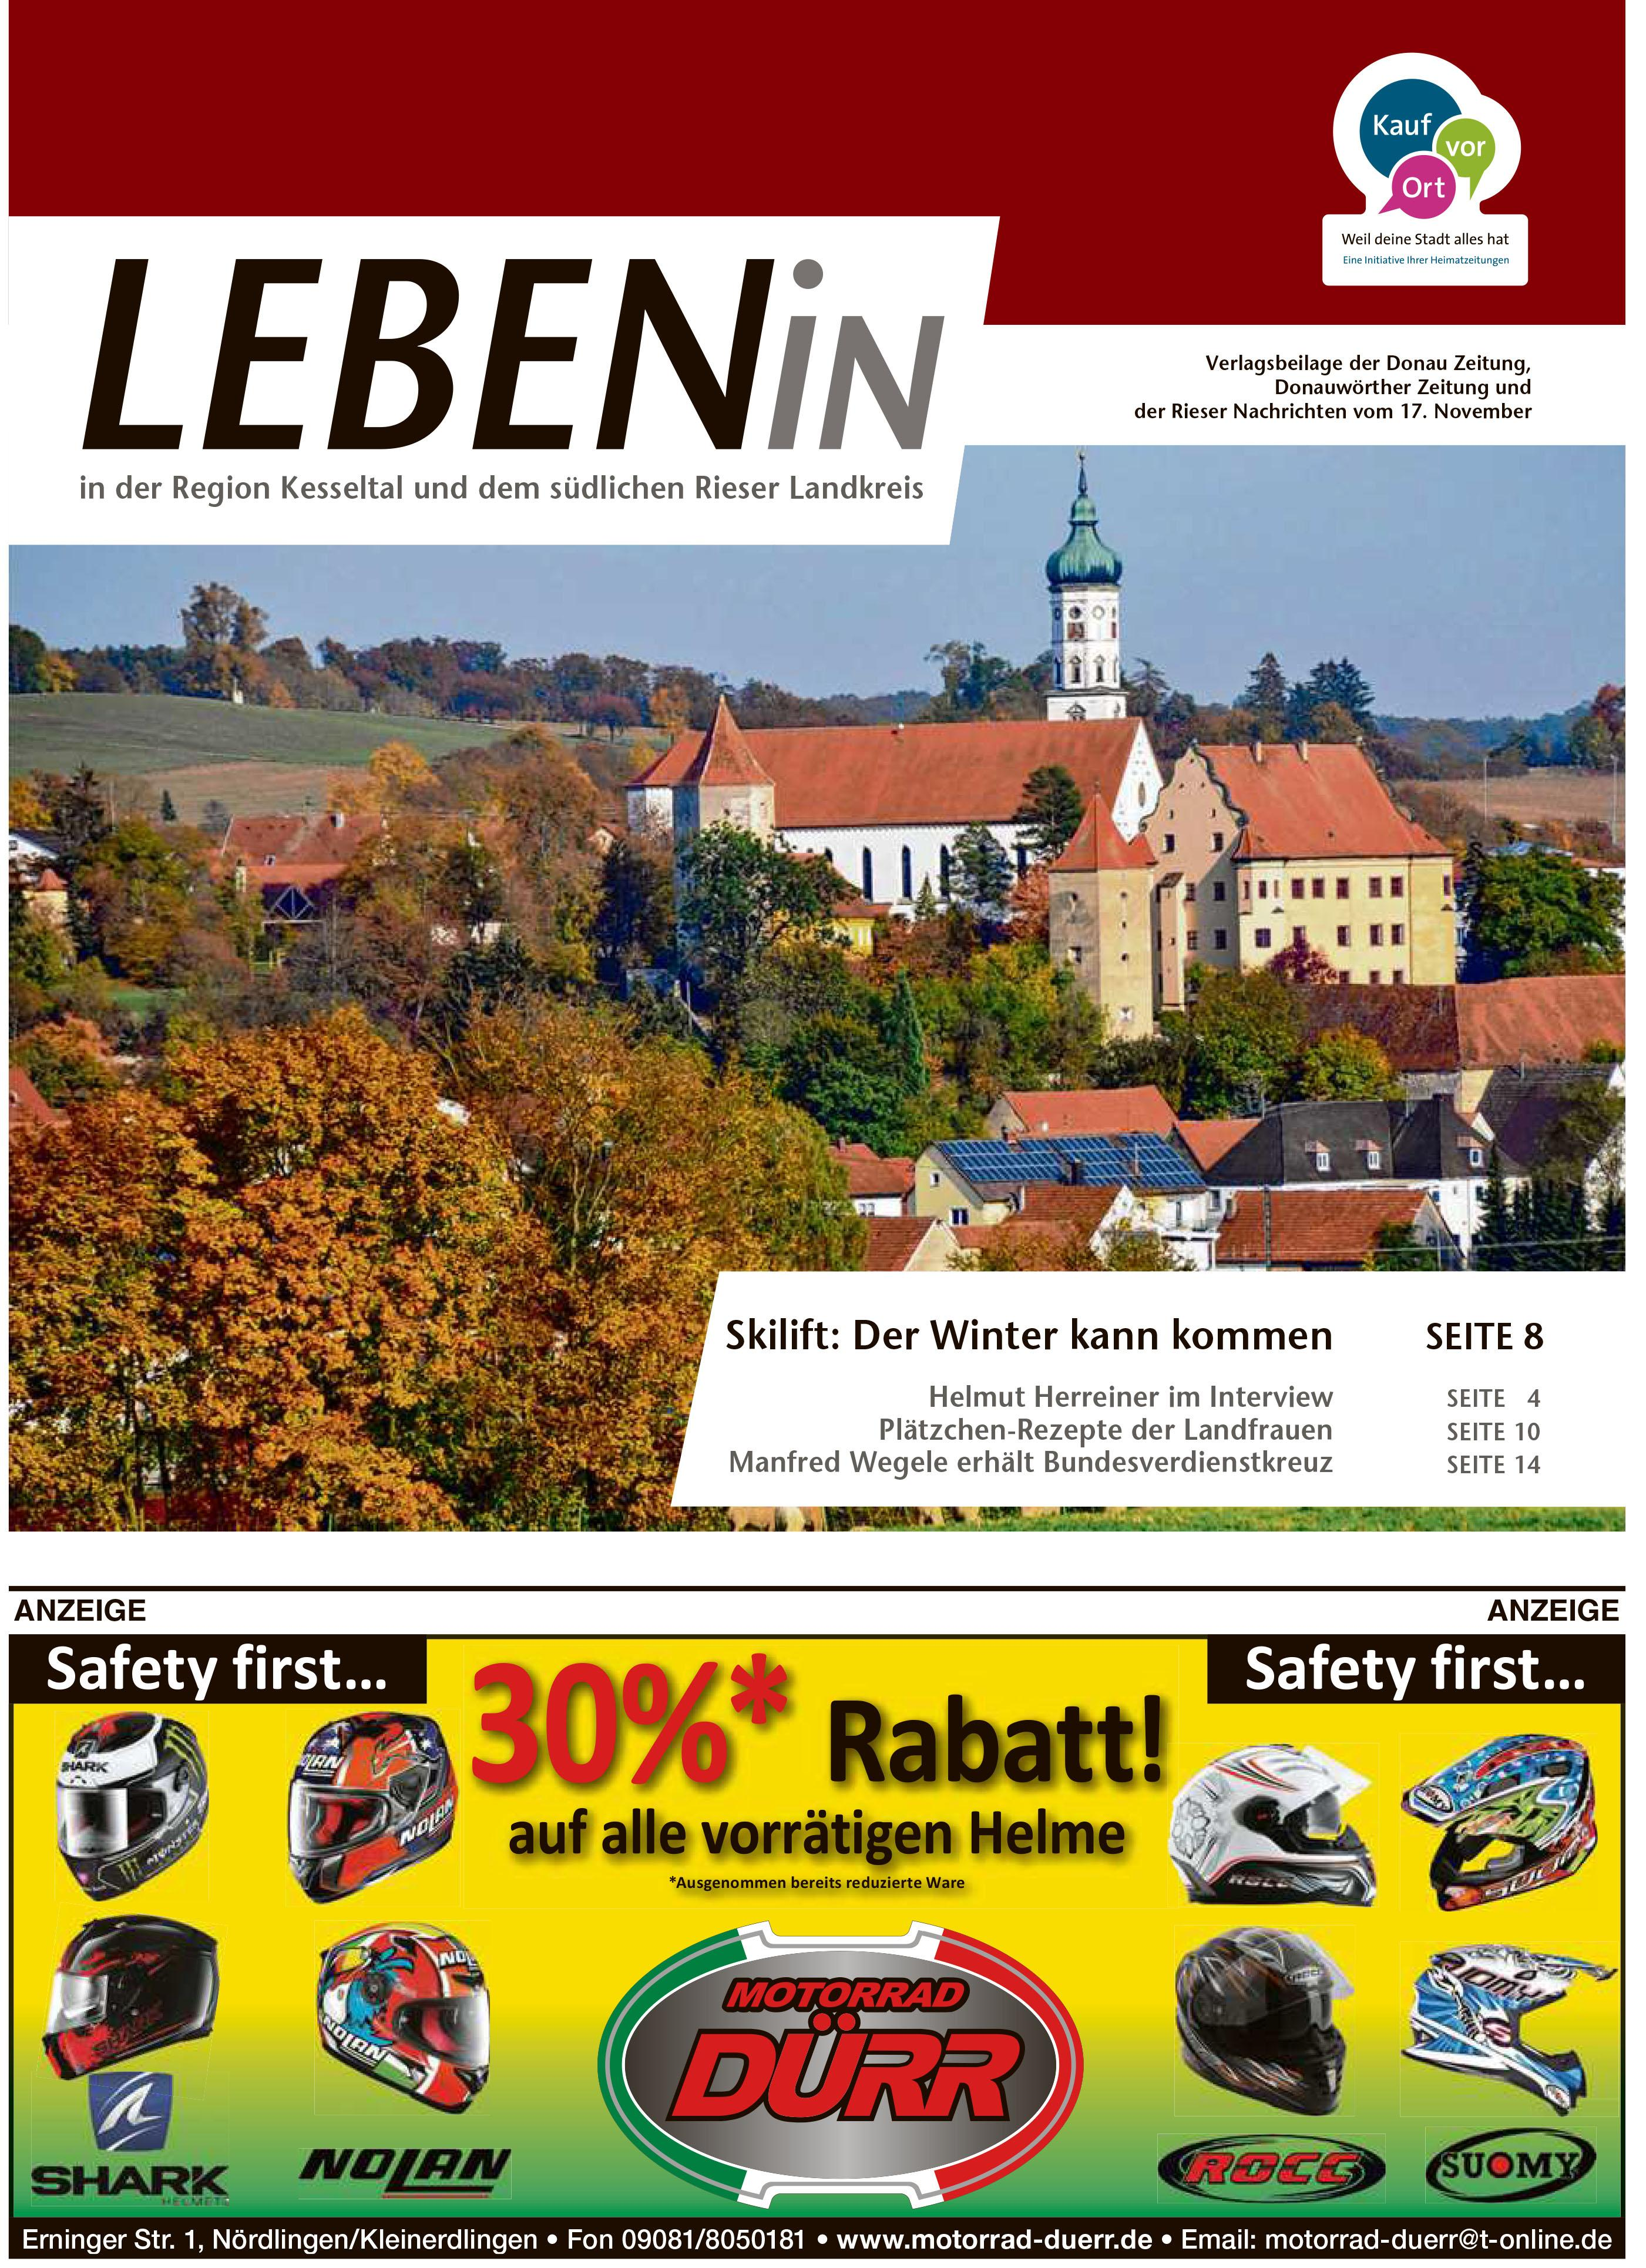 17.11.2017: Leben In: Für die Region Kesseltal und dem südlichen Rieser Landkreis